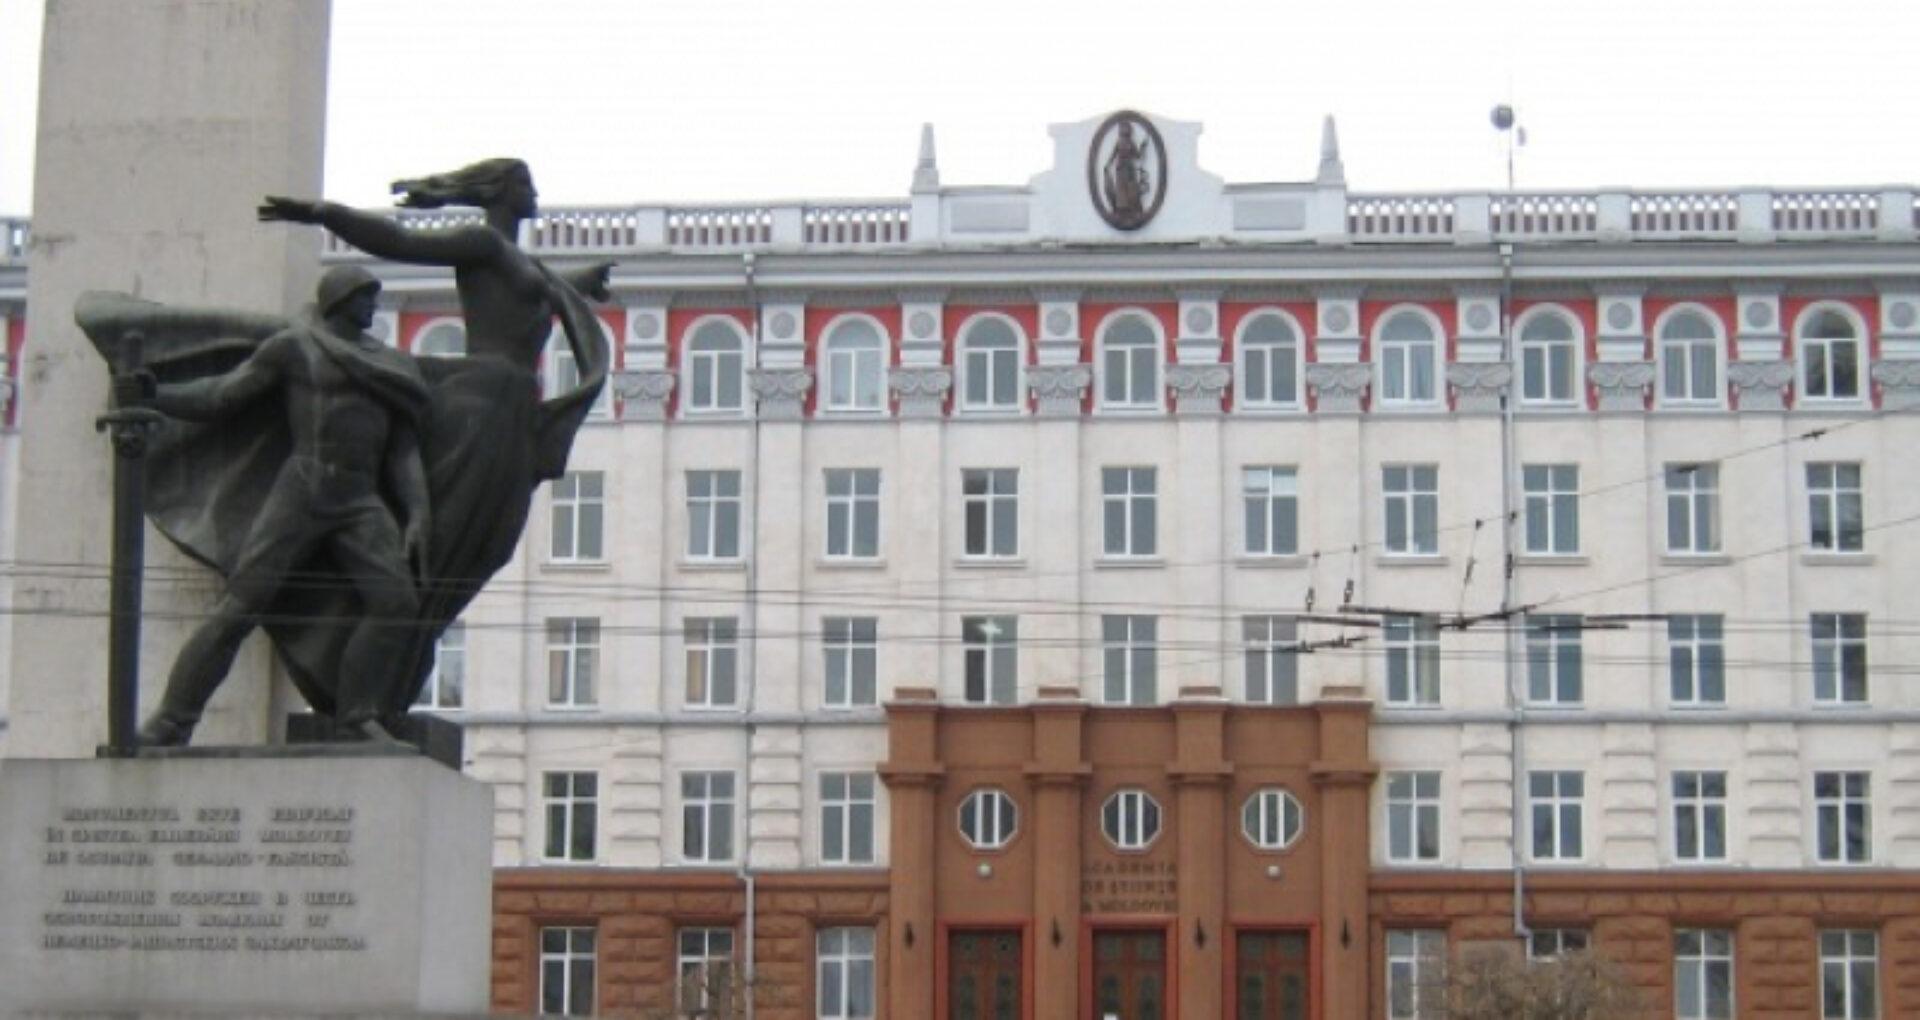 Poate fi elaborat un vaccin în R. Moldova? Președintele AȘM, despre activitatea cercetătorilor pe timp de pandemie